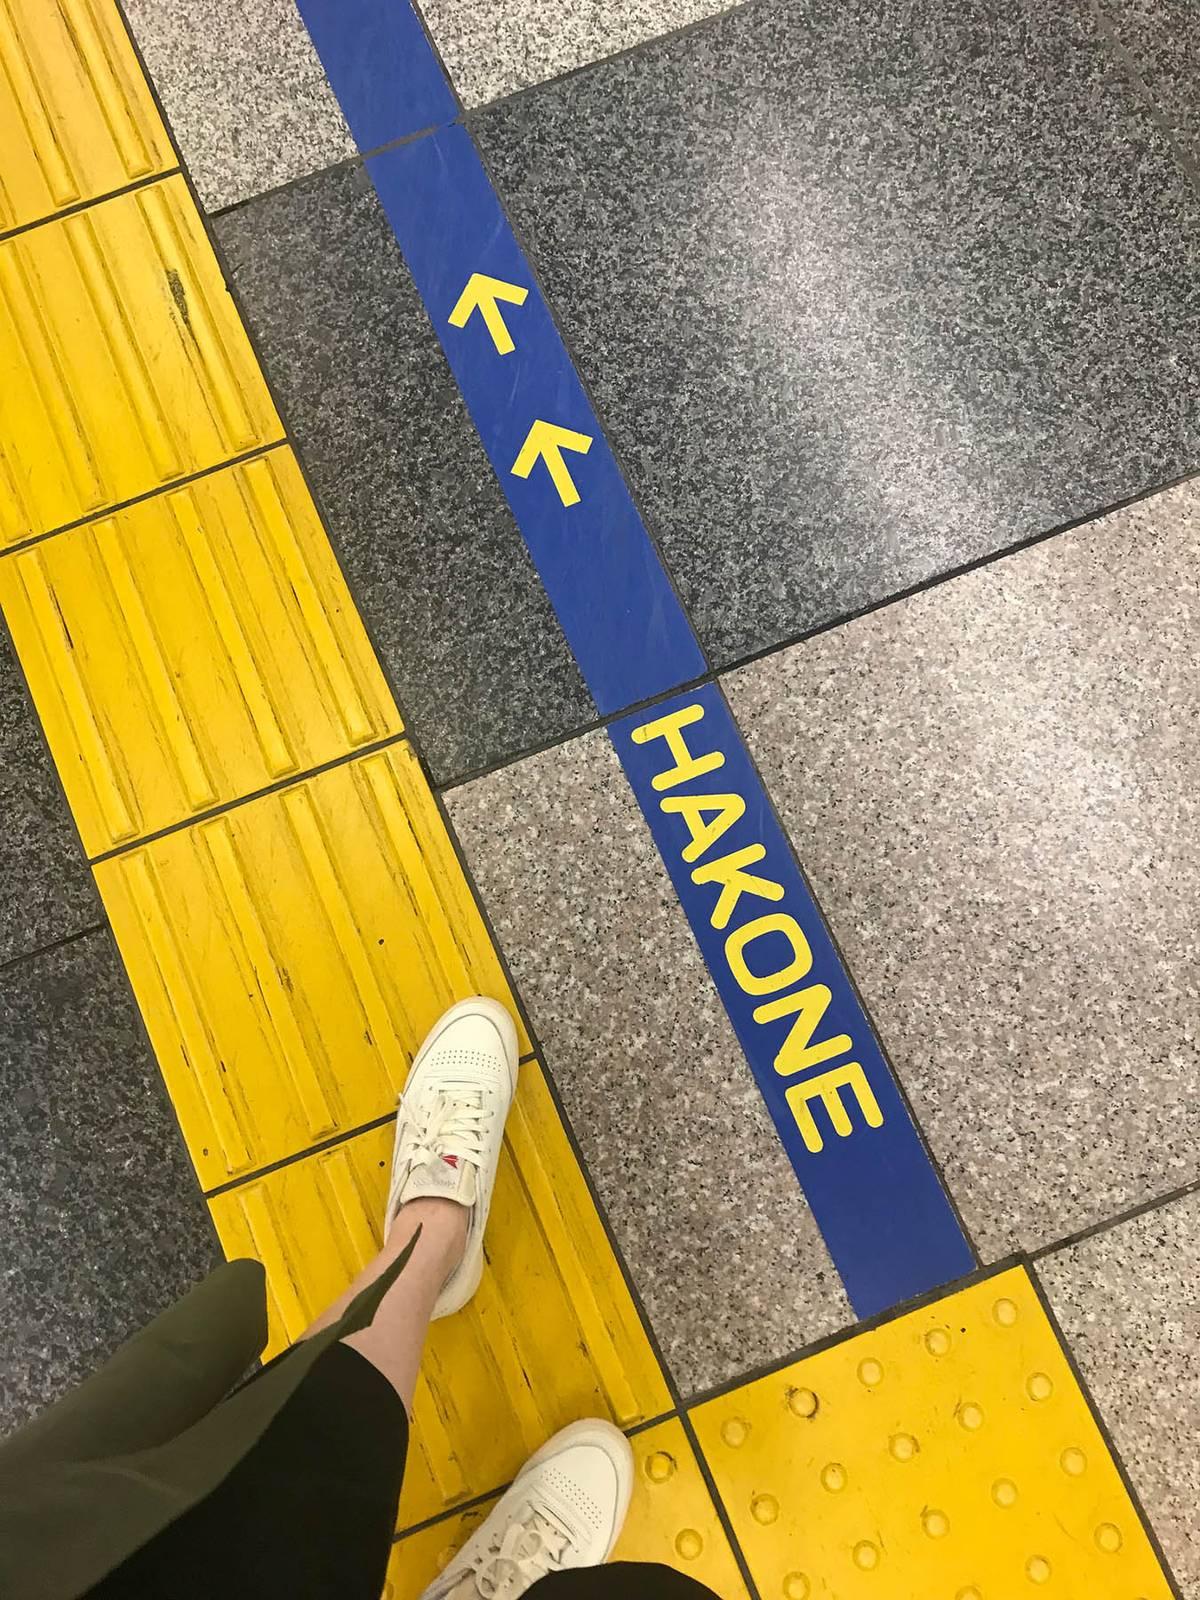 Синяя линия на станции указывает, куда идти туристу, который приехал в Хаконе